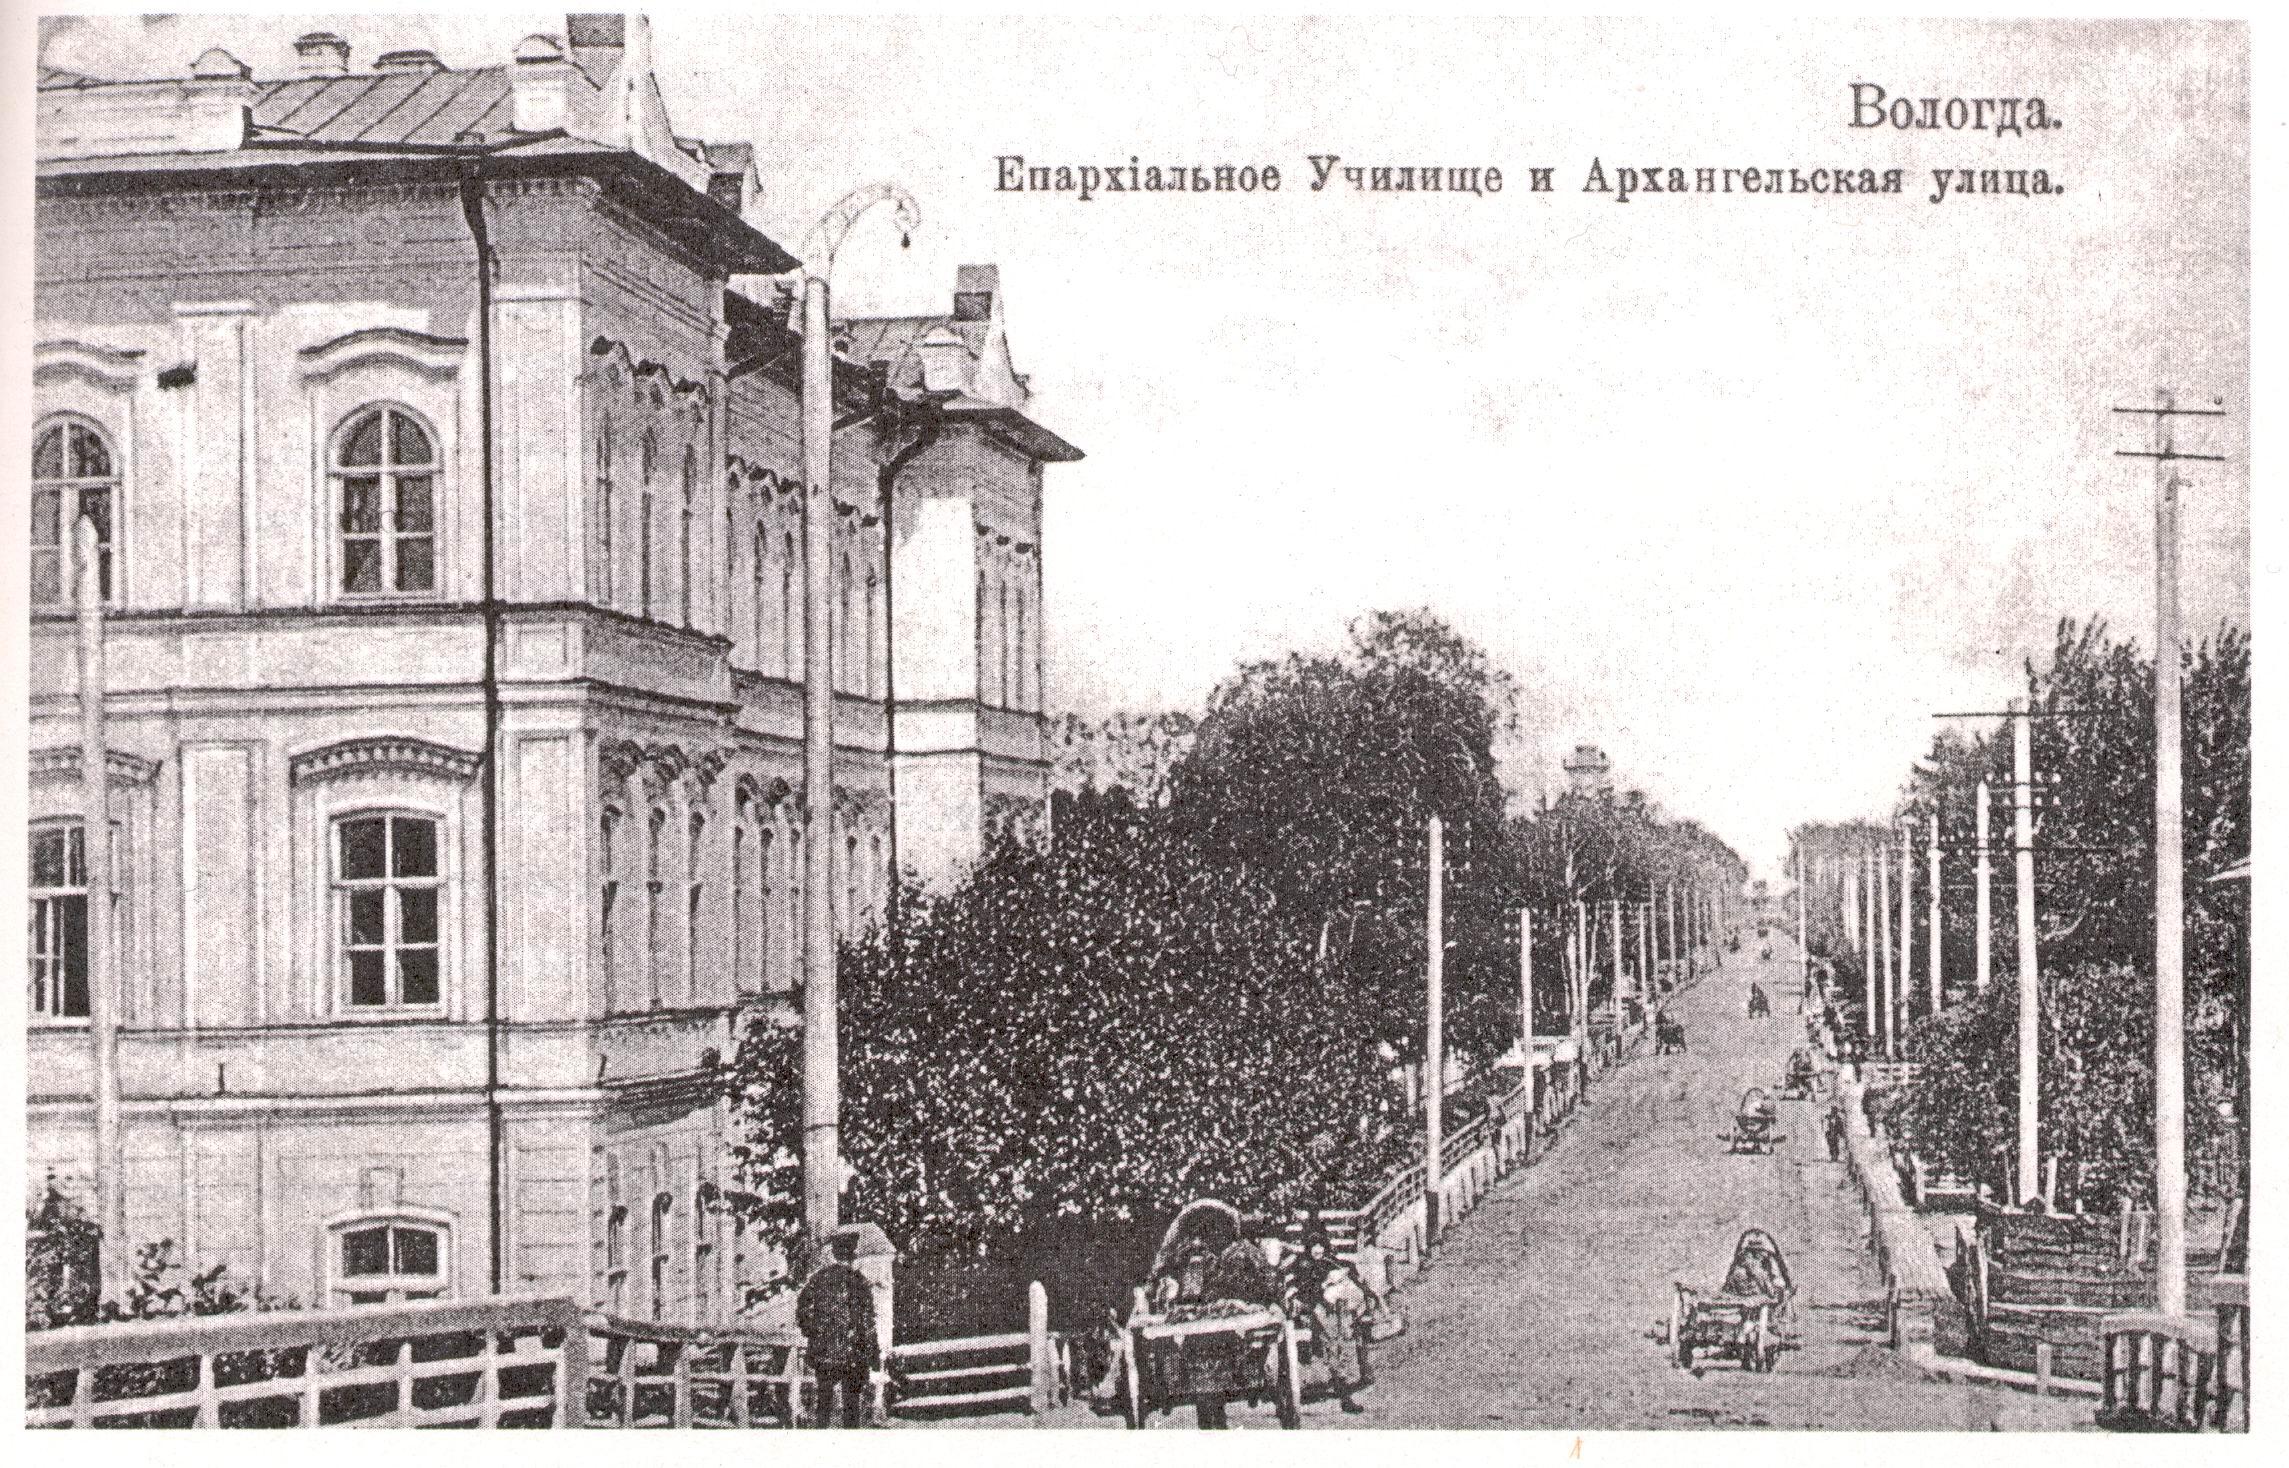 Архангельская улица и Епархиальное училище